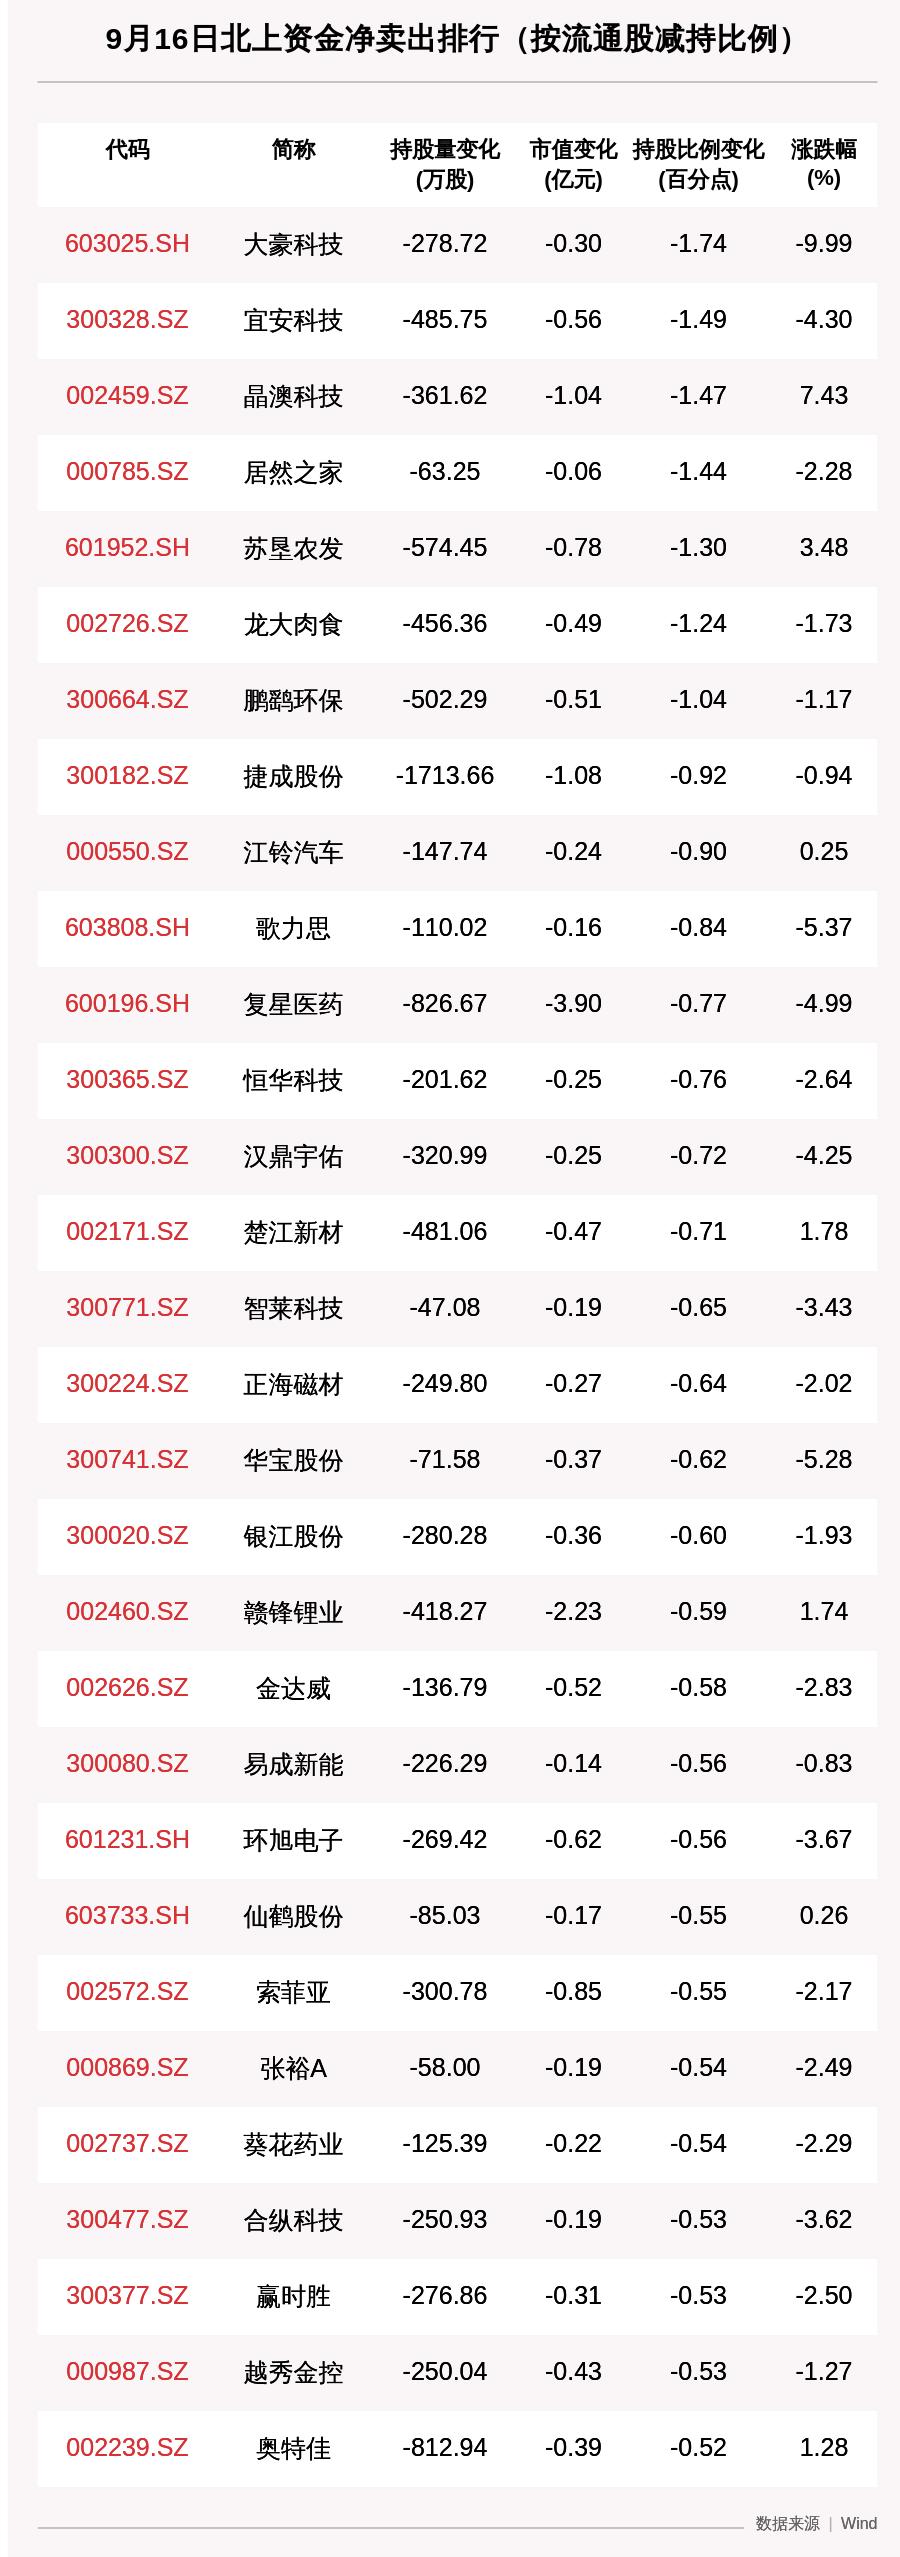 《【超越注册平台】北向资金动向曝光:9月16日这30只个股遭大甩卖(附名单)》